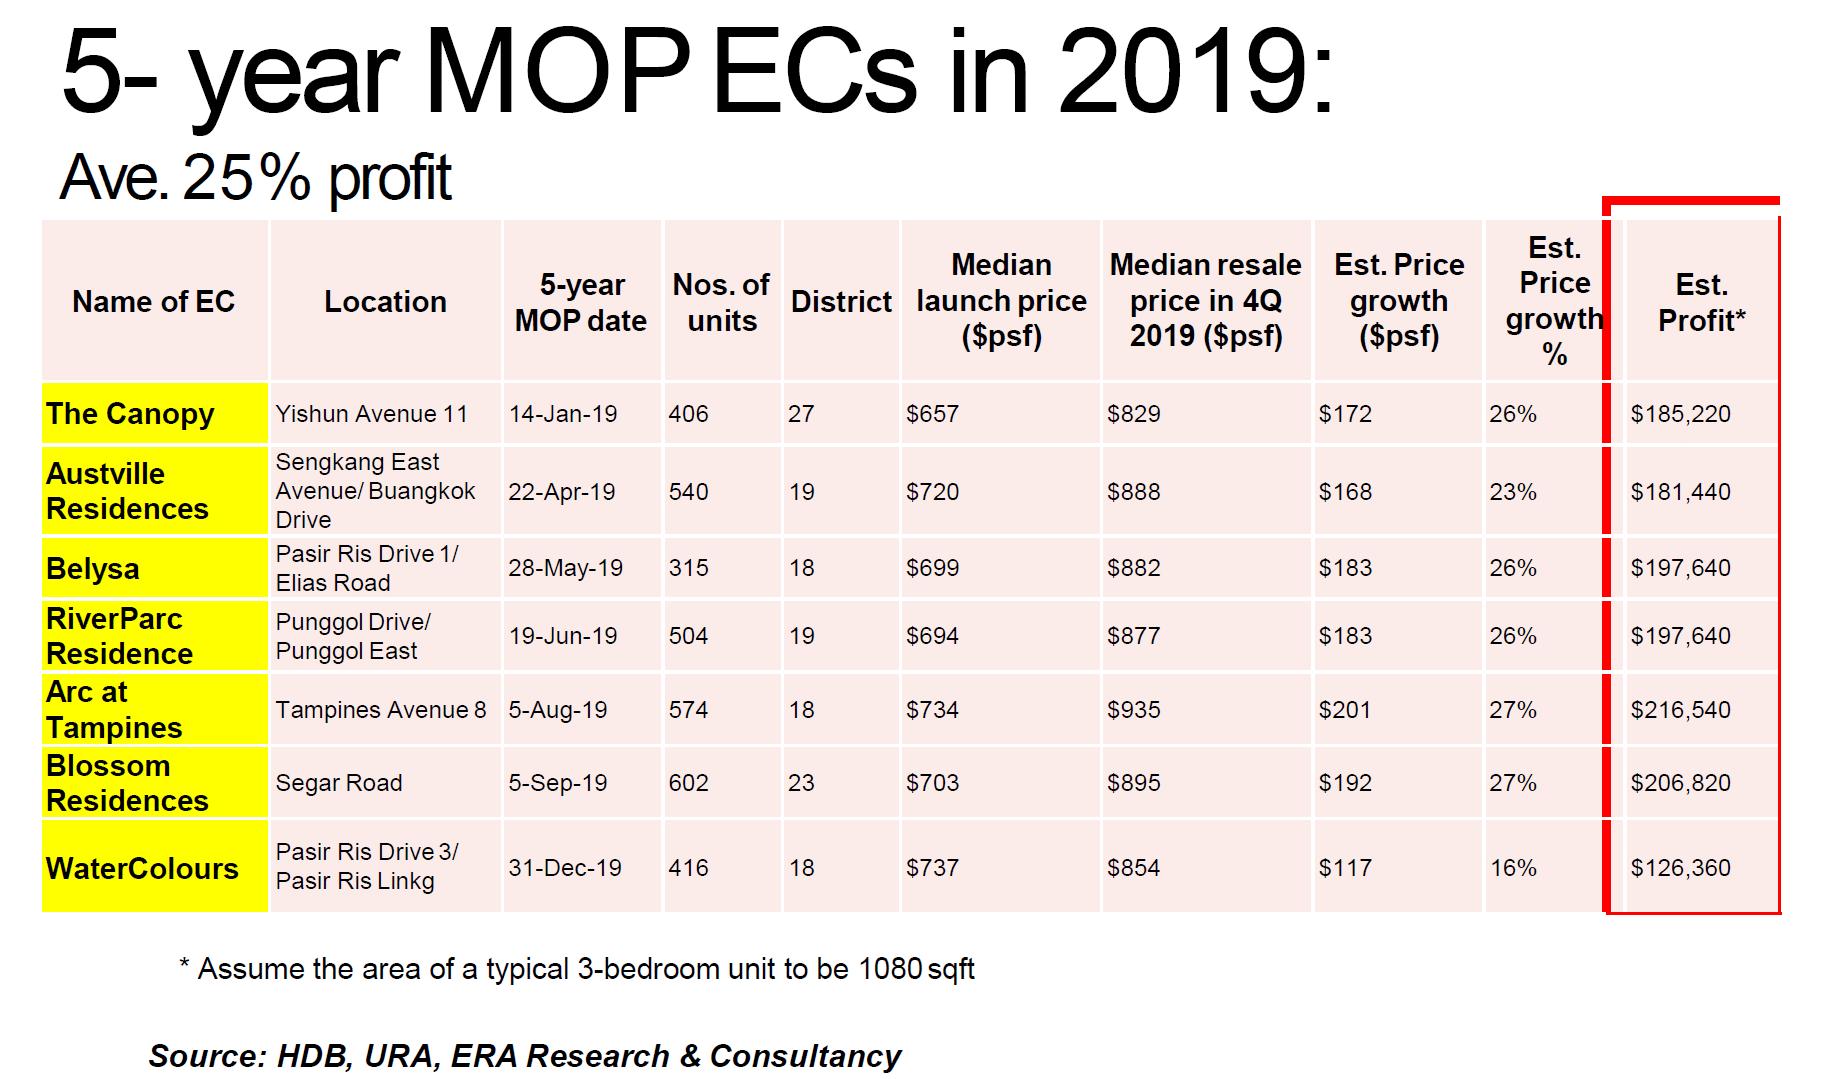 EC MOP in 2019